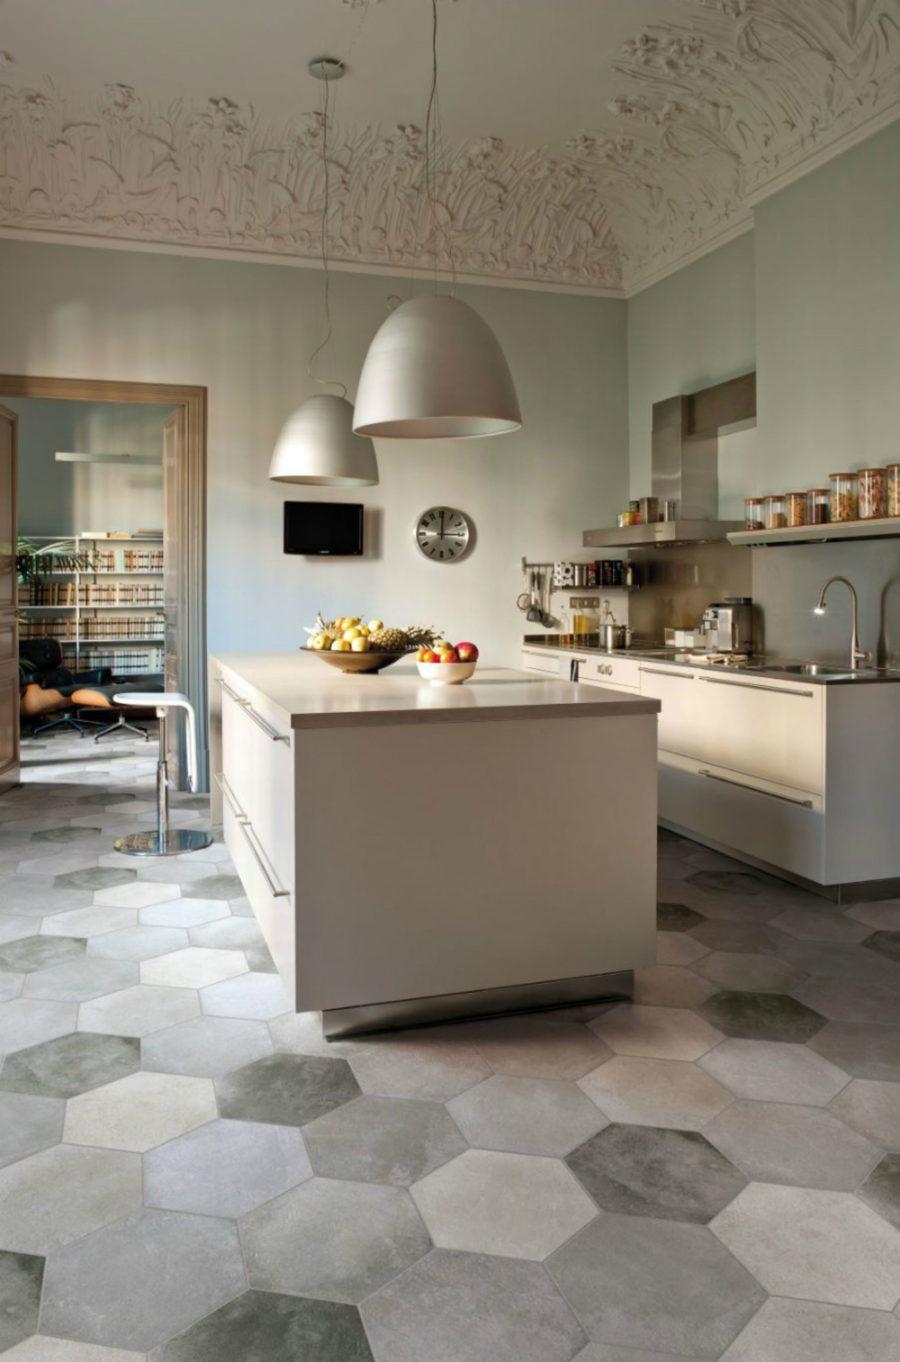 Современные тенденции в дизайне кухни в вашем доме - лепной потолок